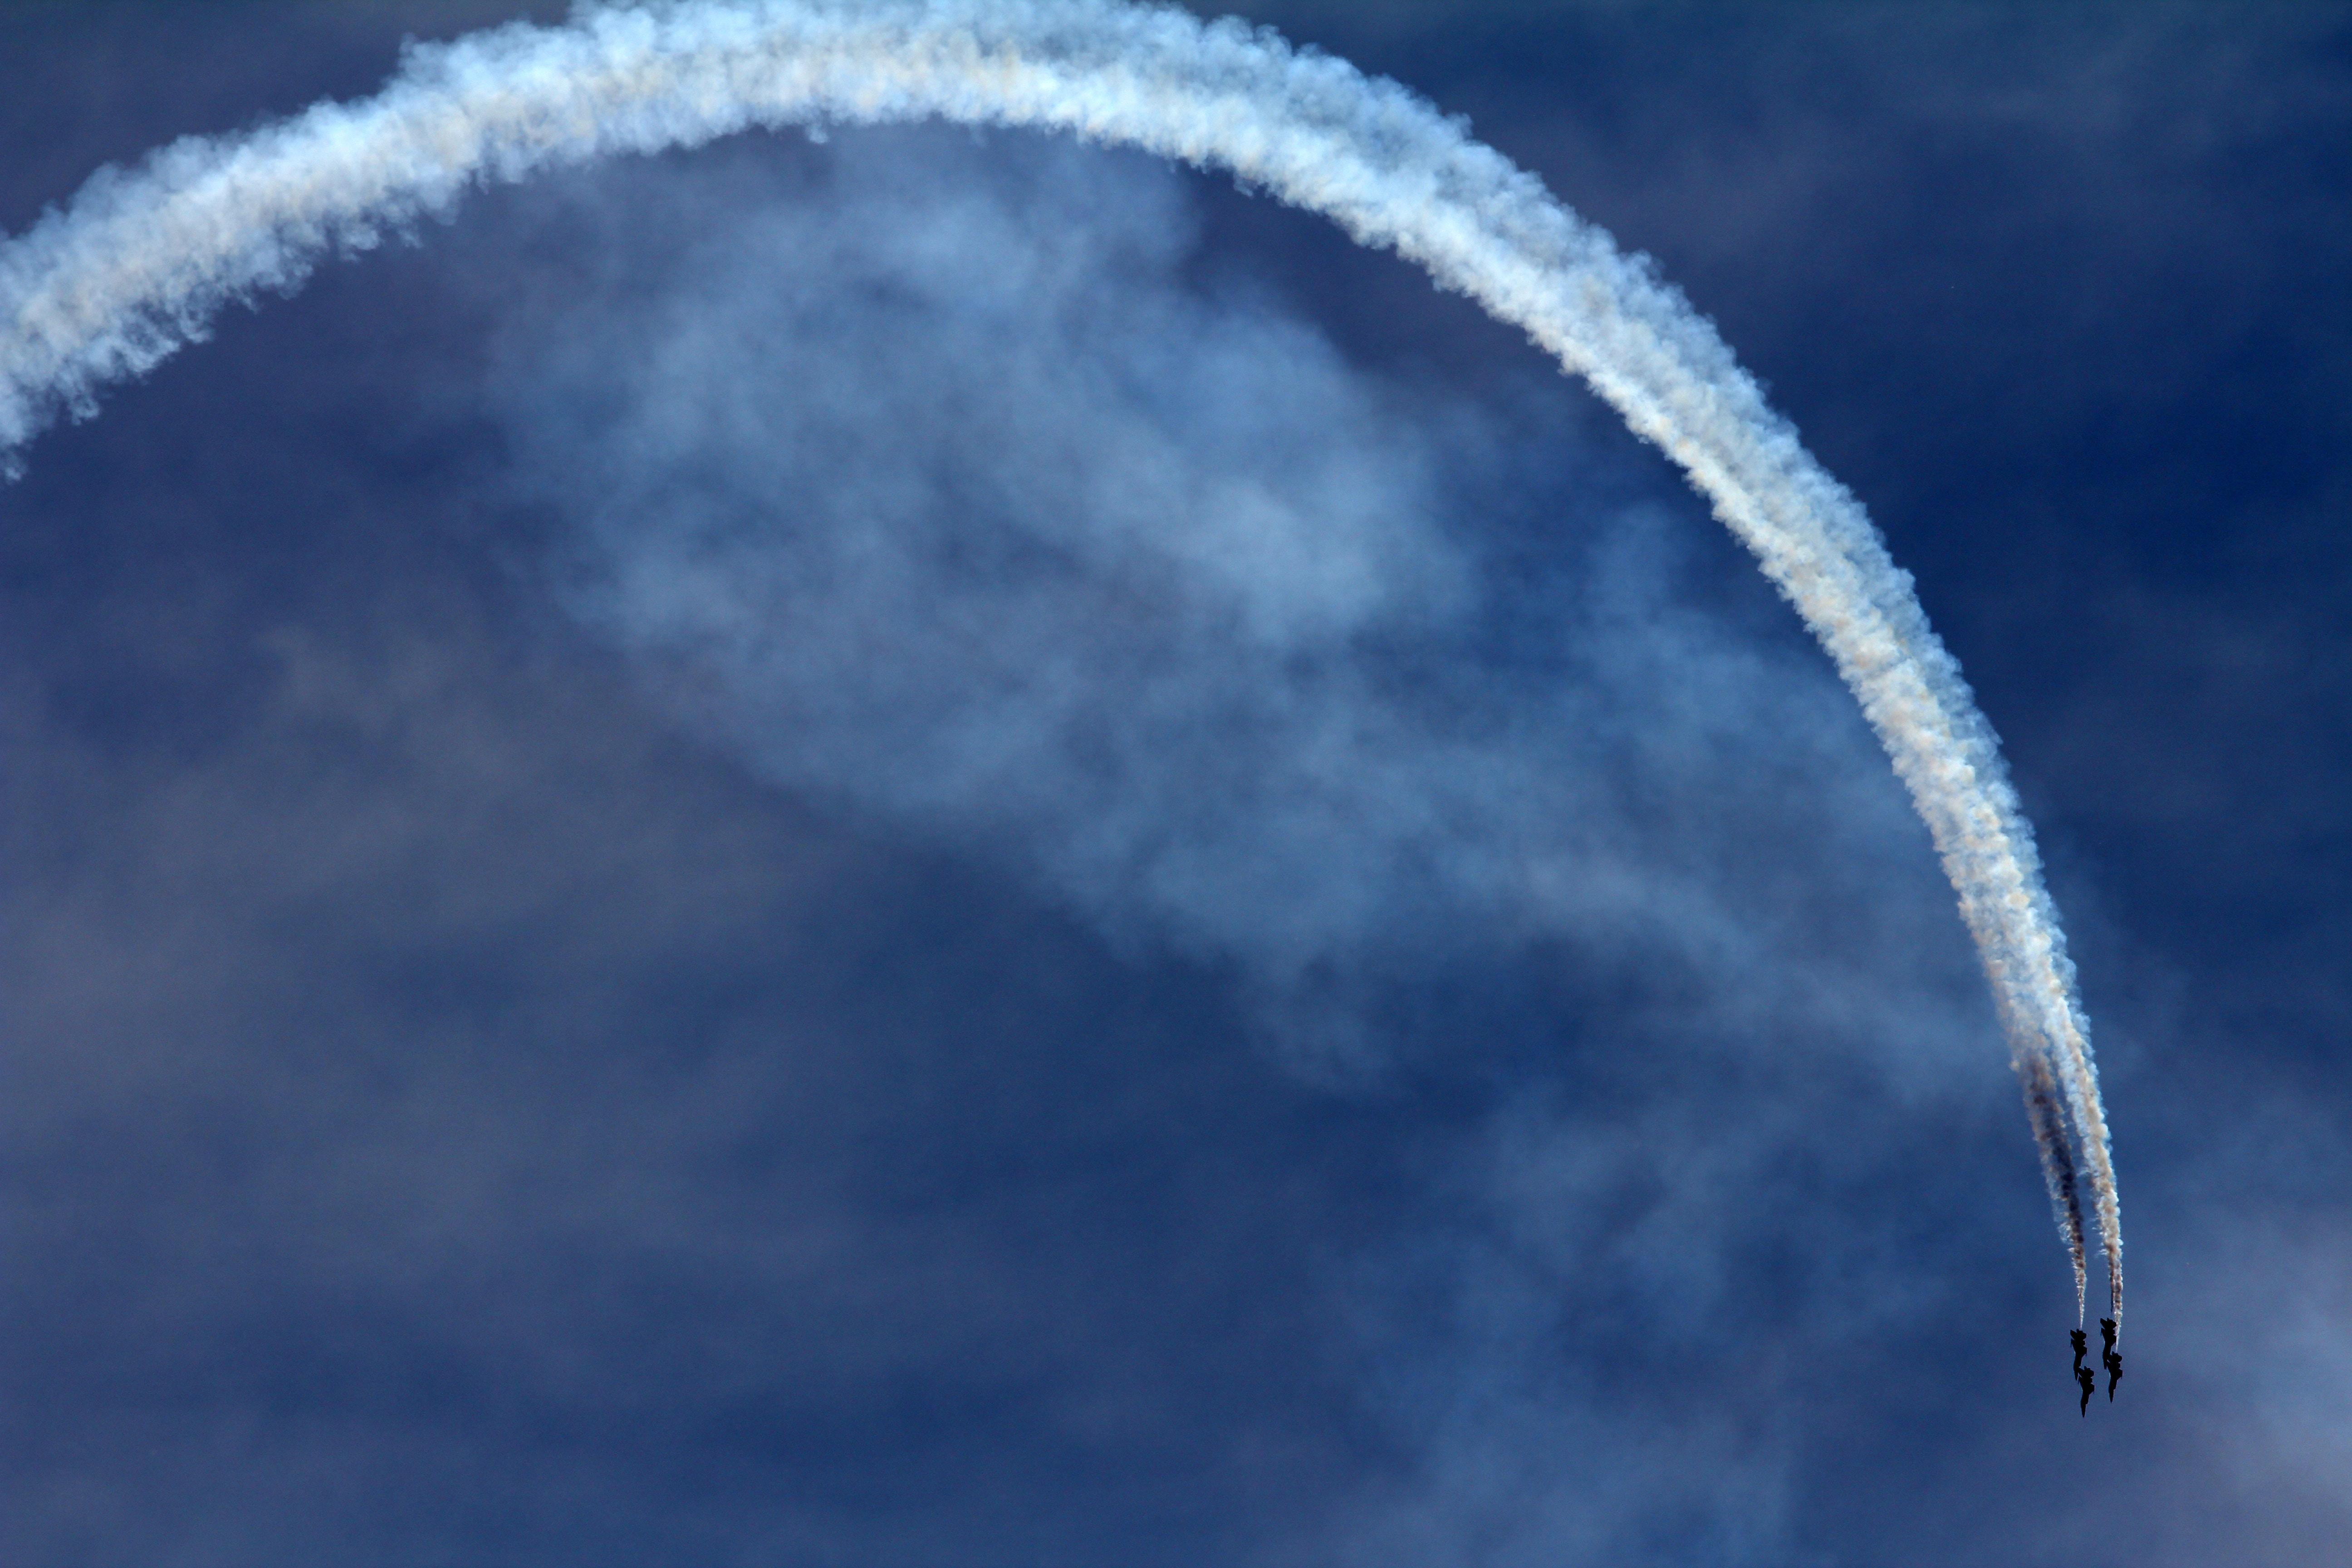 111745 Hintergrundbild herunterladen Sky, Flugzeuge, Verschiedenes, Sonstige, Spur, Kunstflug, Lotsendienste - Bildschirmschoner und Bilder kostenlos